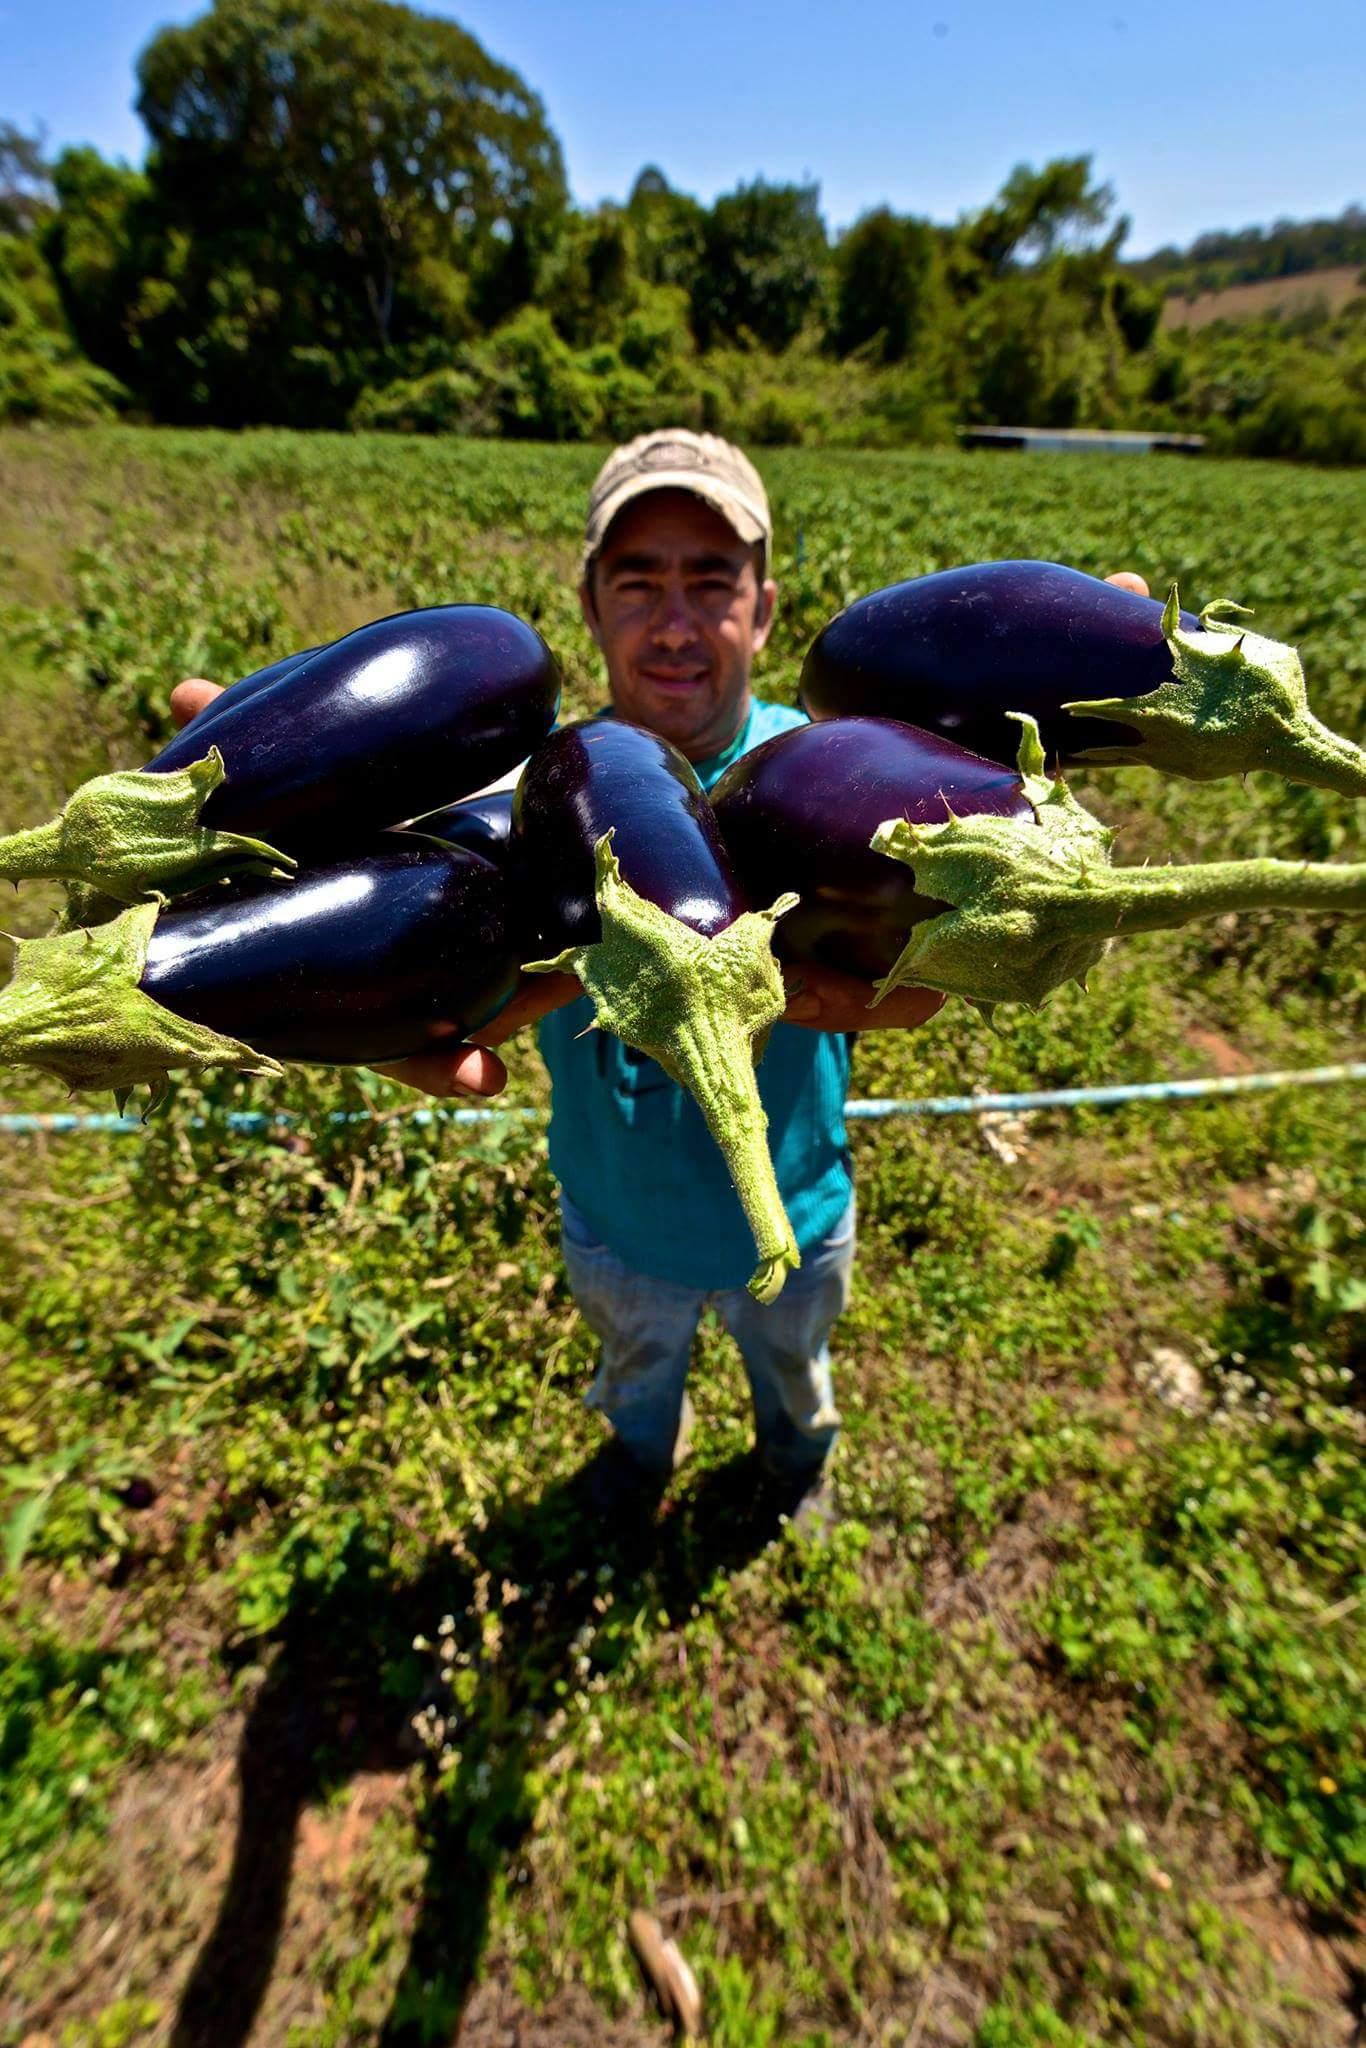 Produtor de hortaliças resume sua história no campo e mostra como o aprimoramento das técnicas de cultivo e plantio pode inspirar diversas outras famílias a expandiram seus negócios | Foto: Ruber Couto